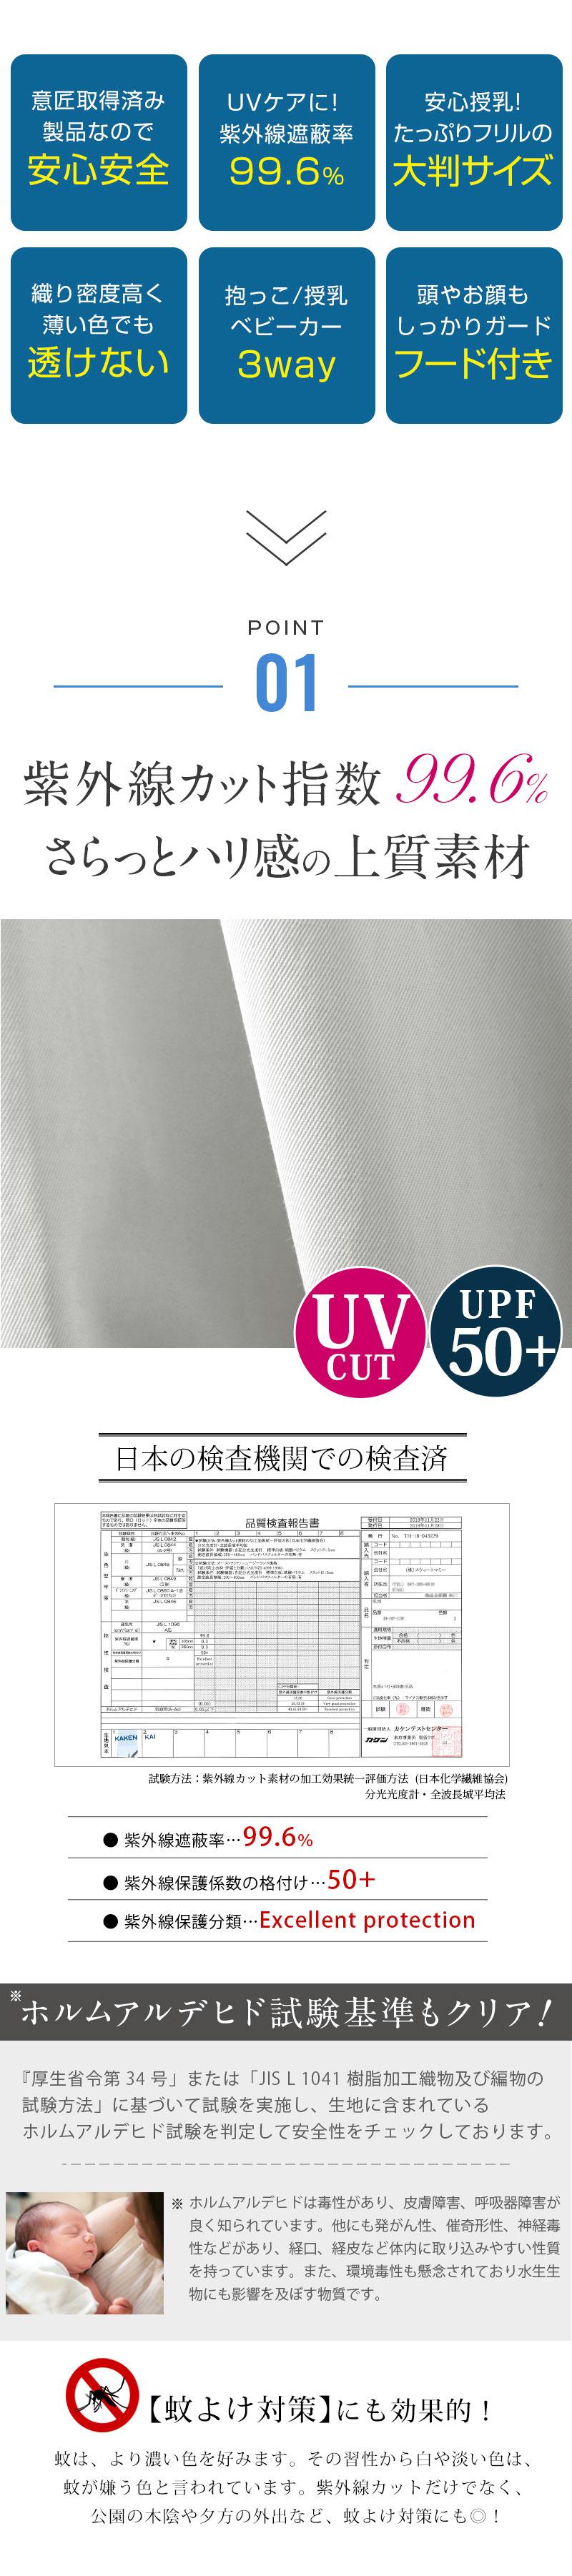 紫外線遮蔽率99.6%!3WAY UVカットマルチケープ